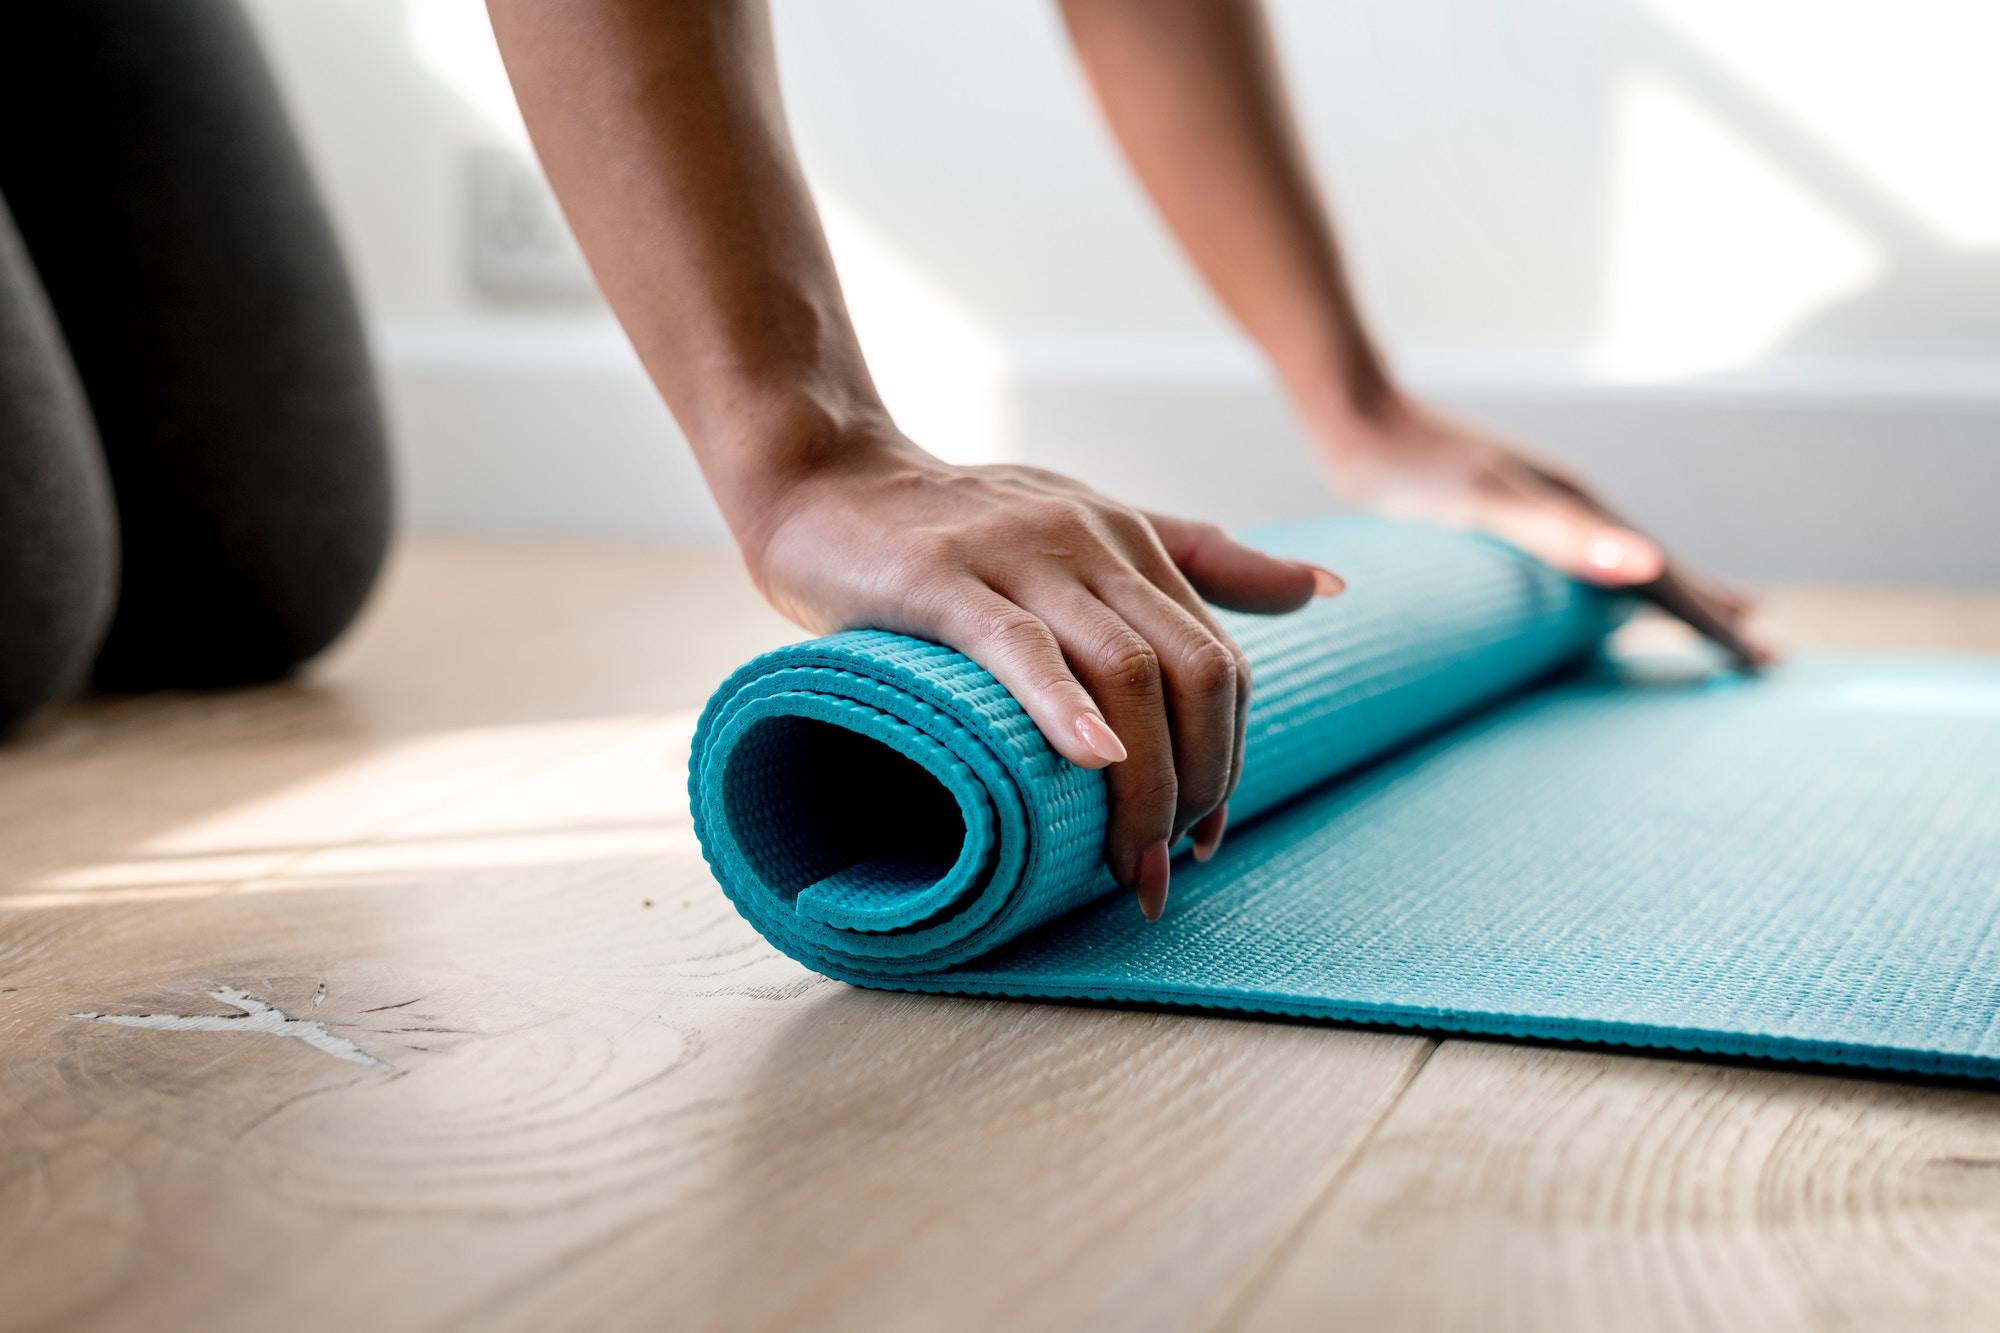 078041ce295 Fitness Måtte - Træningsmåtte til fitness - Sportsway